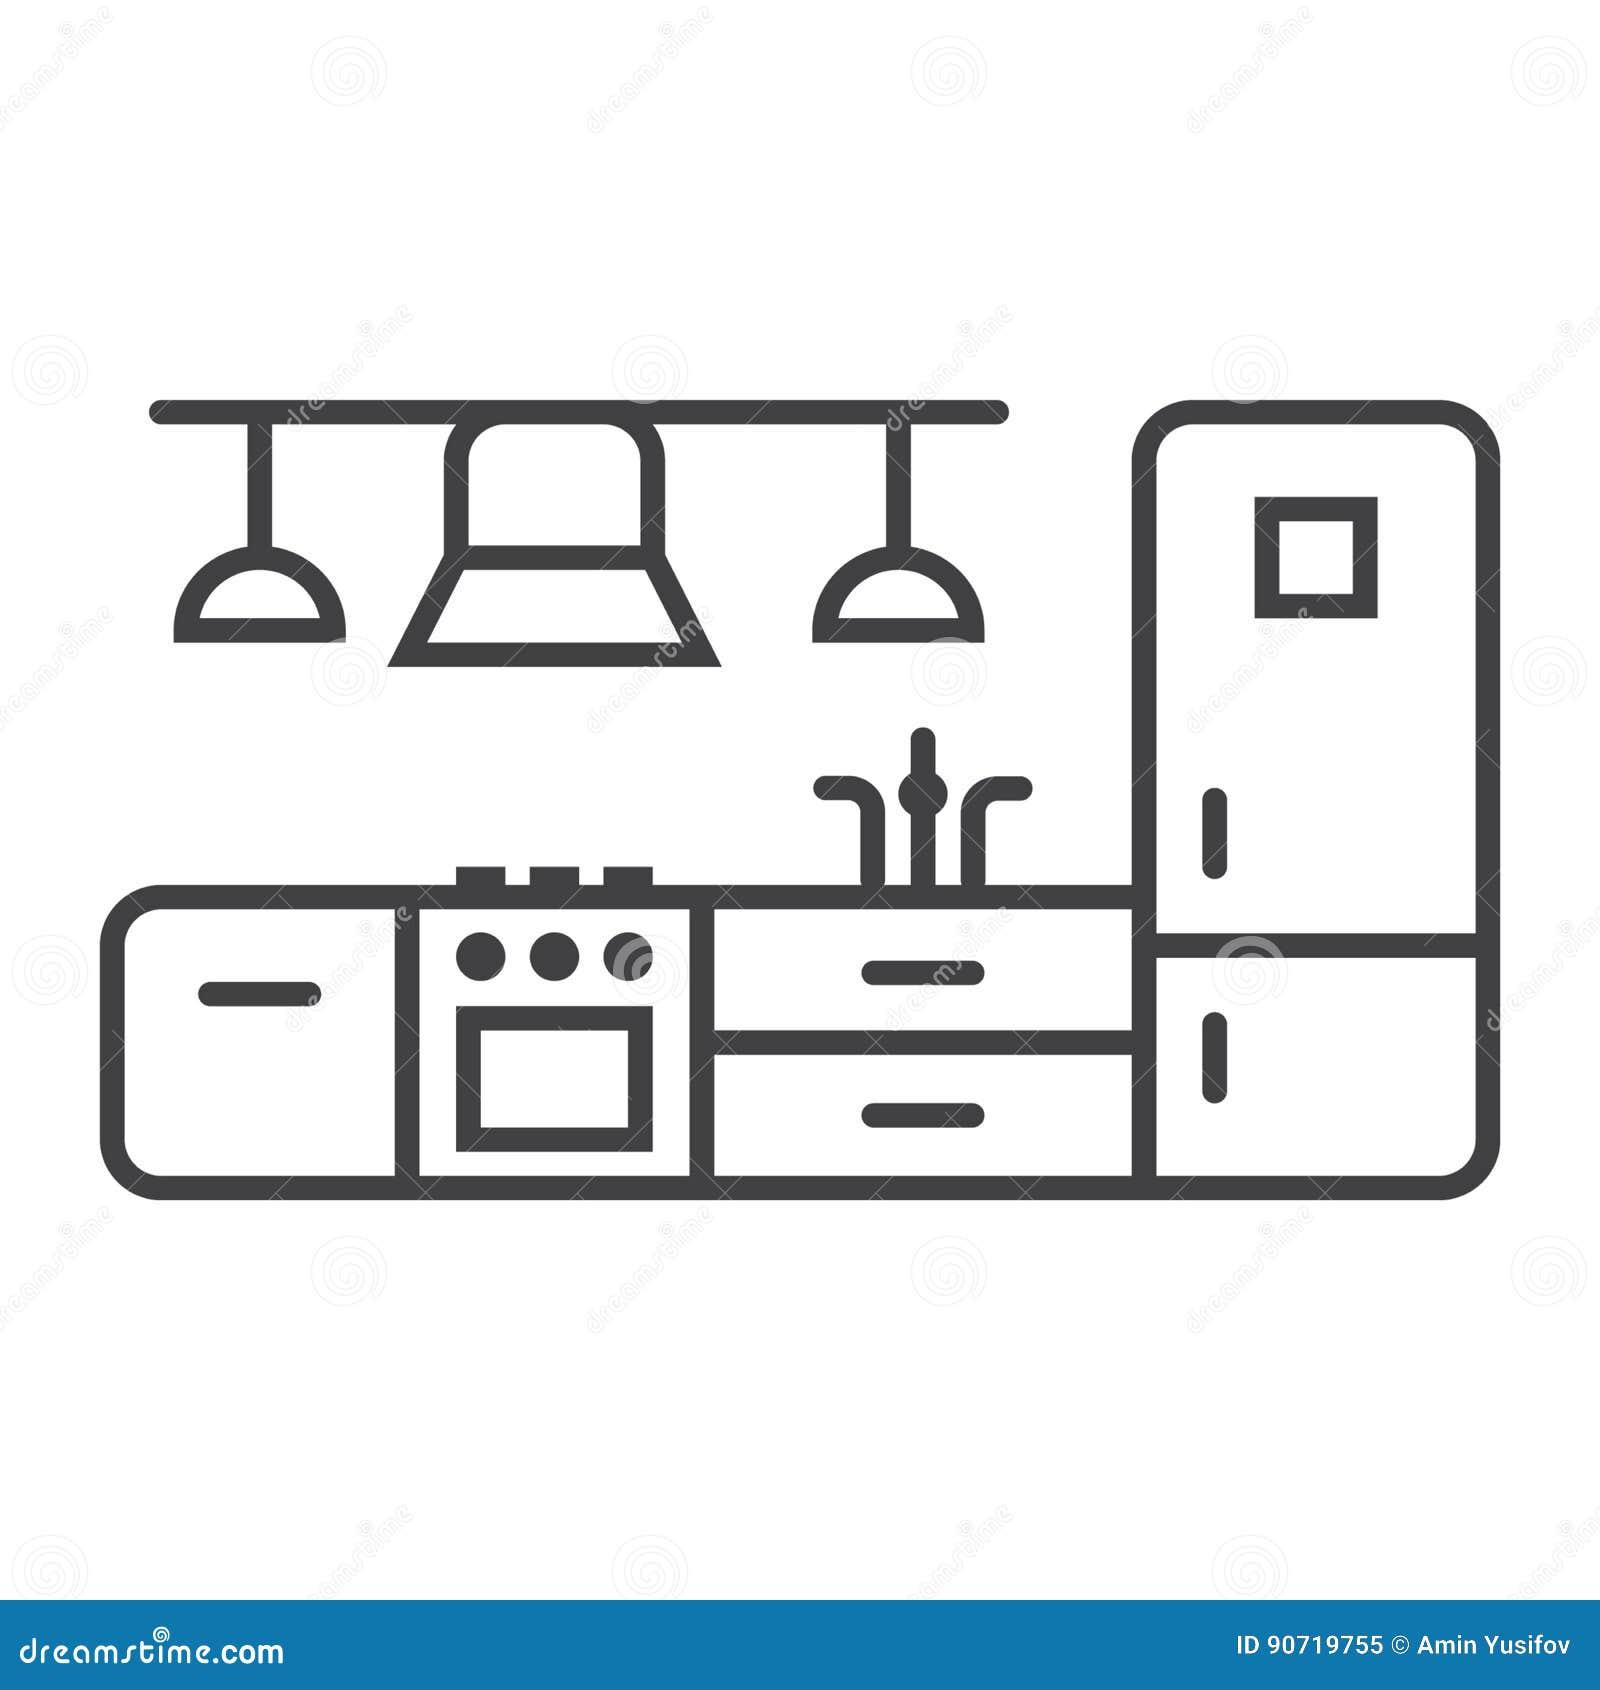 Interior Design Line Art Vector : Kitchen furniture line icon and interior stock vector